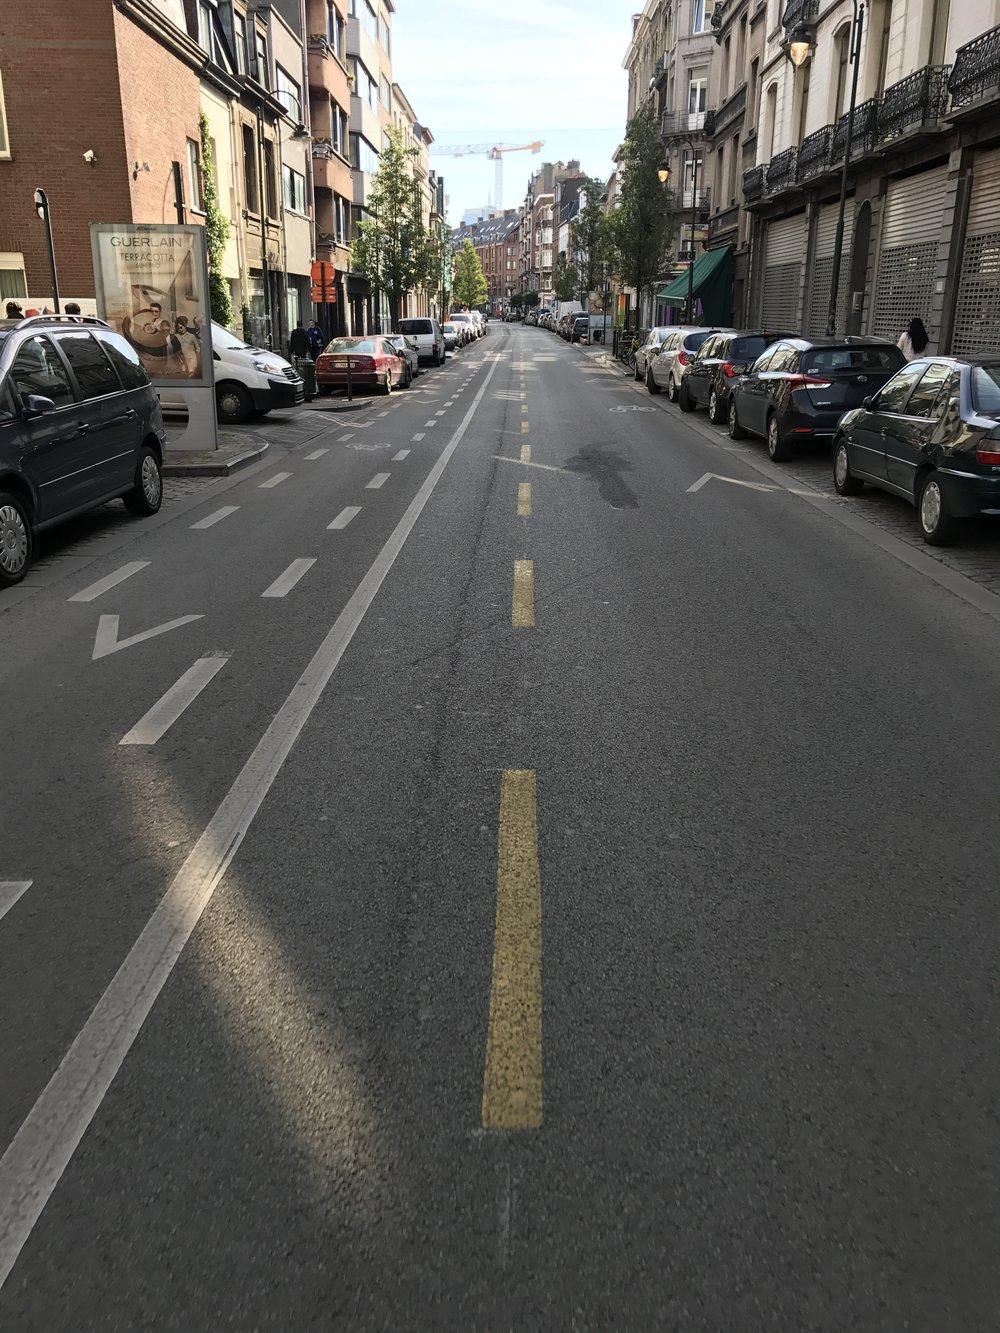 Anderlechtsestraat - Van vrijliggend fietspad naar *niets*.